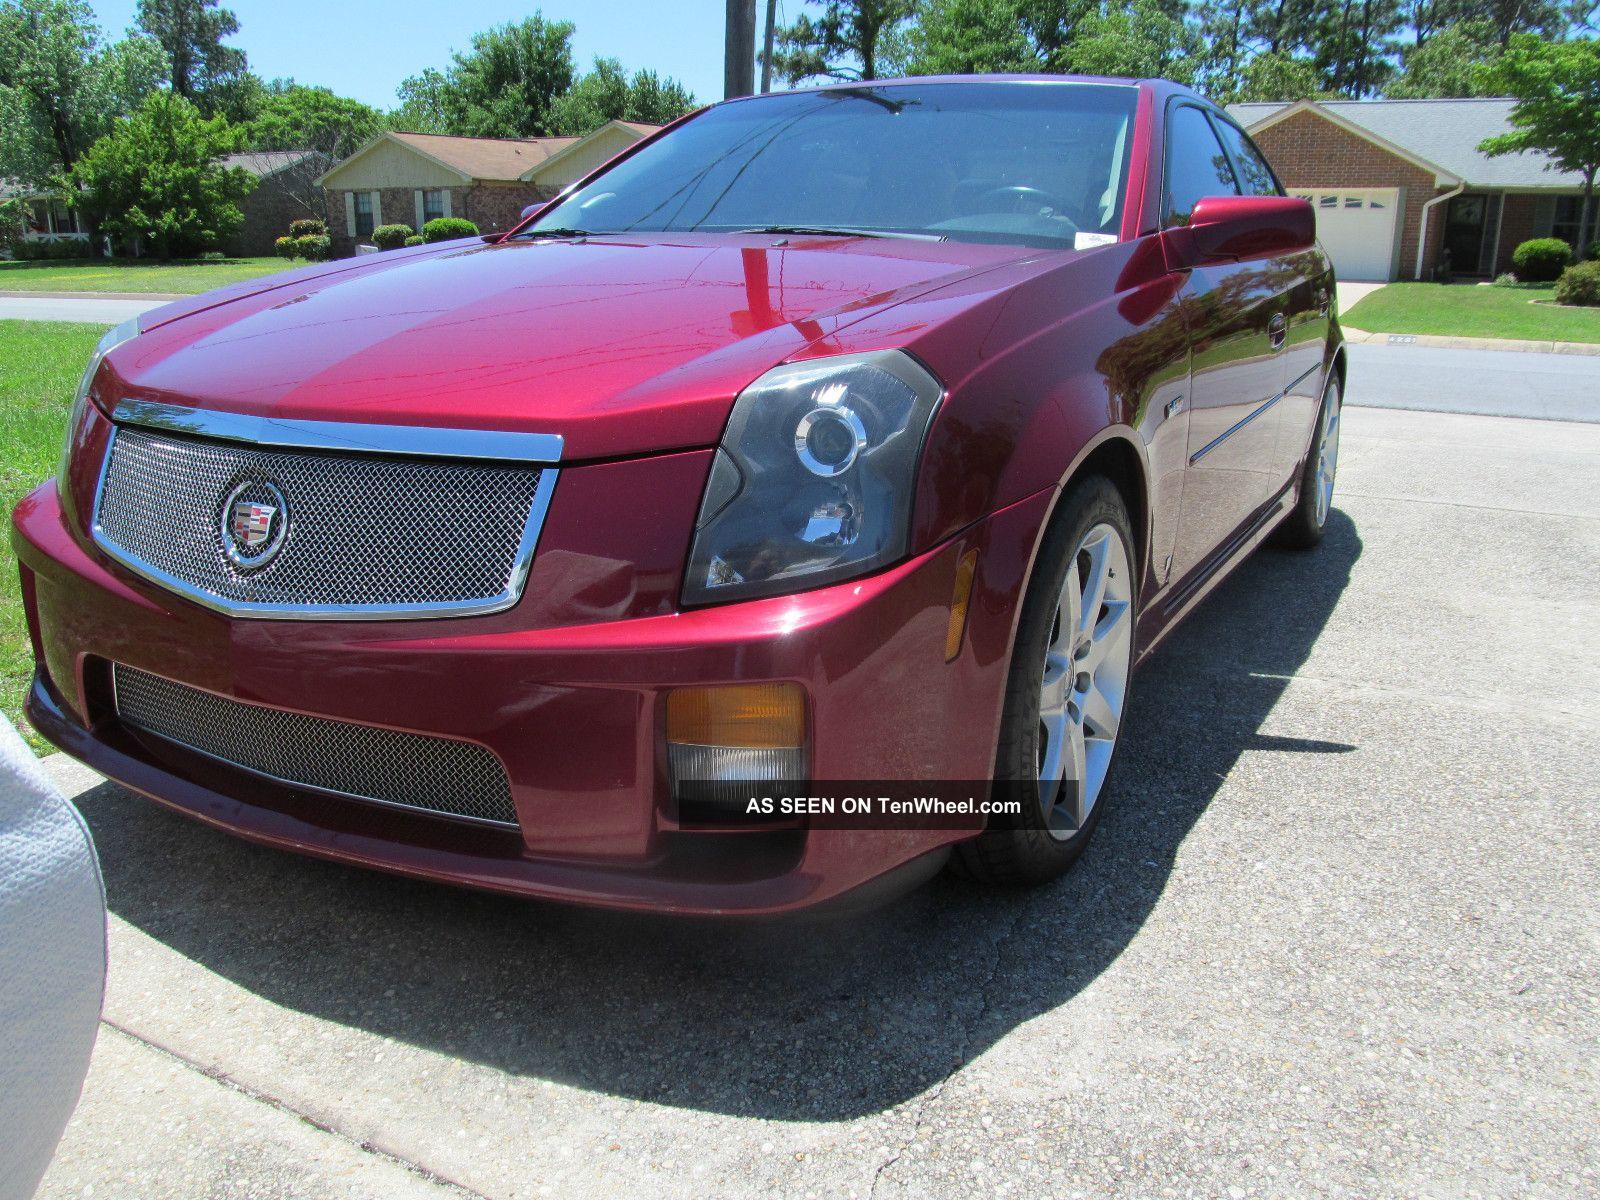 2006 Cadillac Cts - V,  6 Speed,  Manual - All Options - No Damage - No Smoking CTS photo